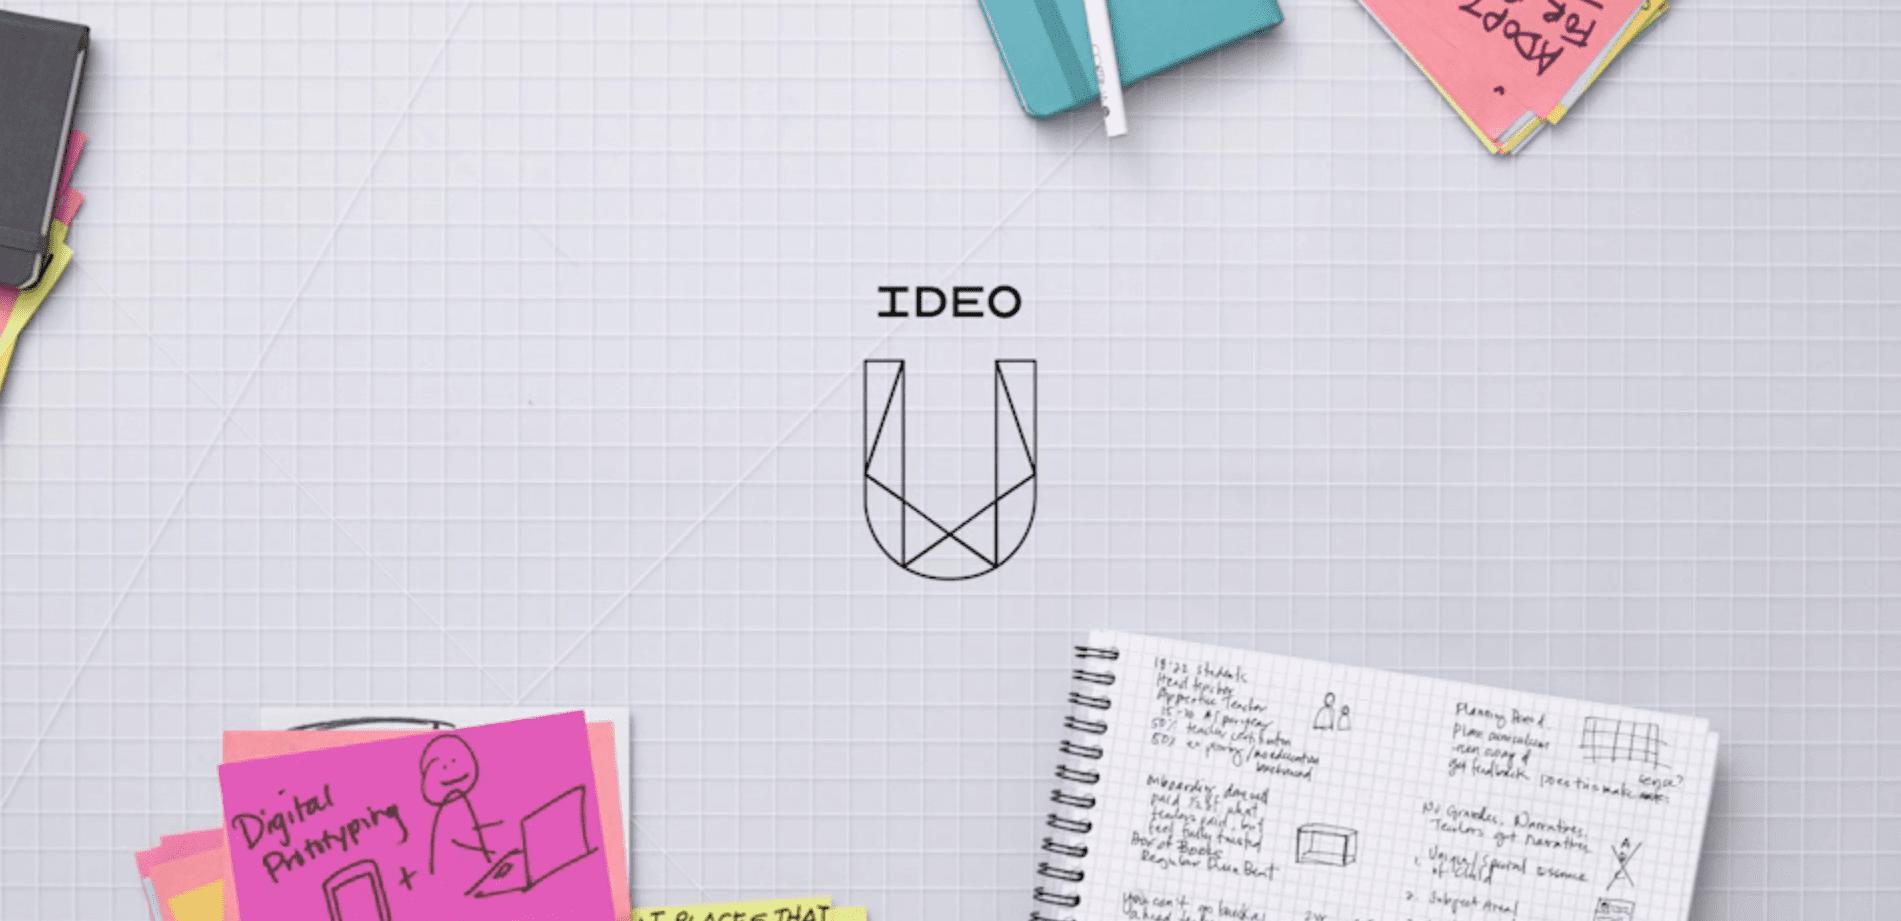 圖片來源:IDEO 官網